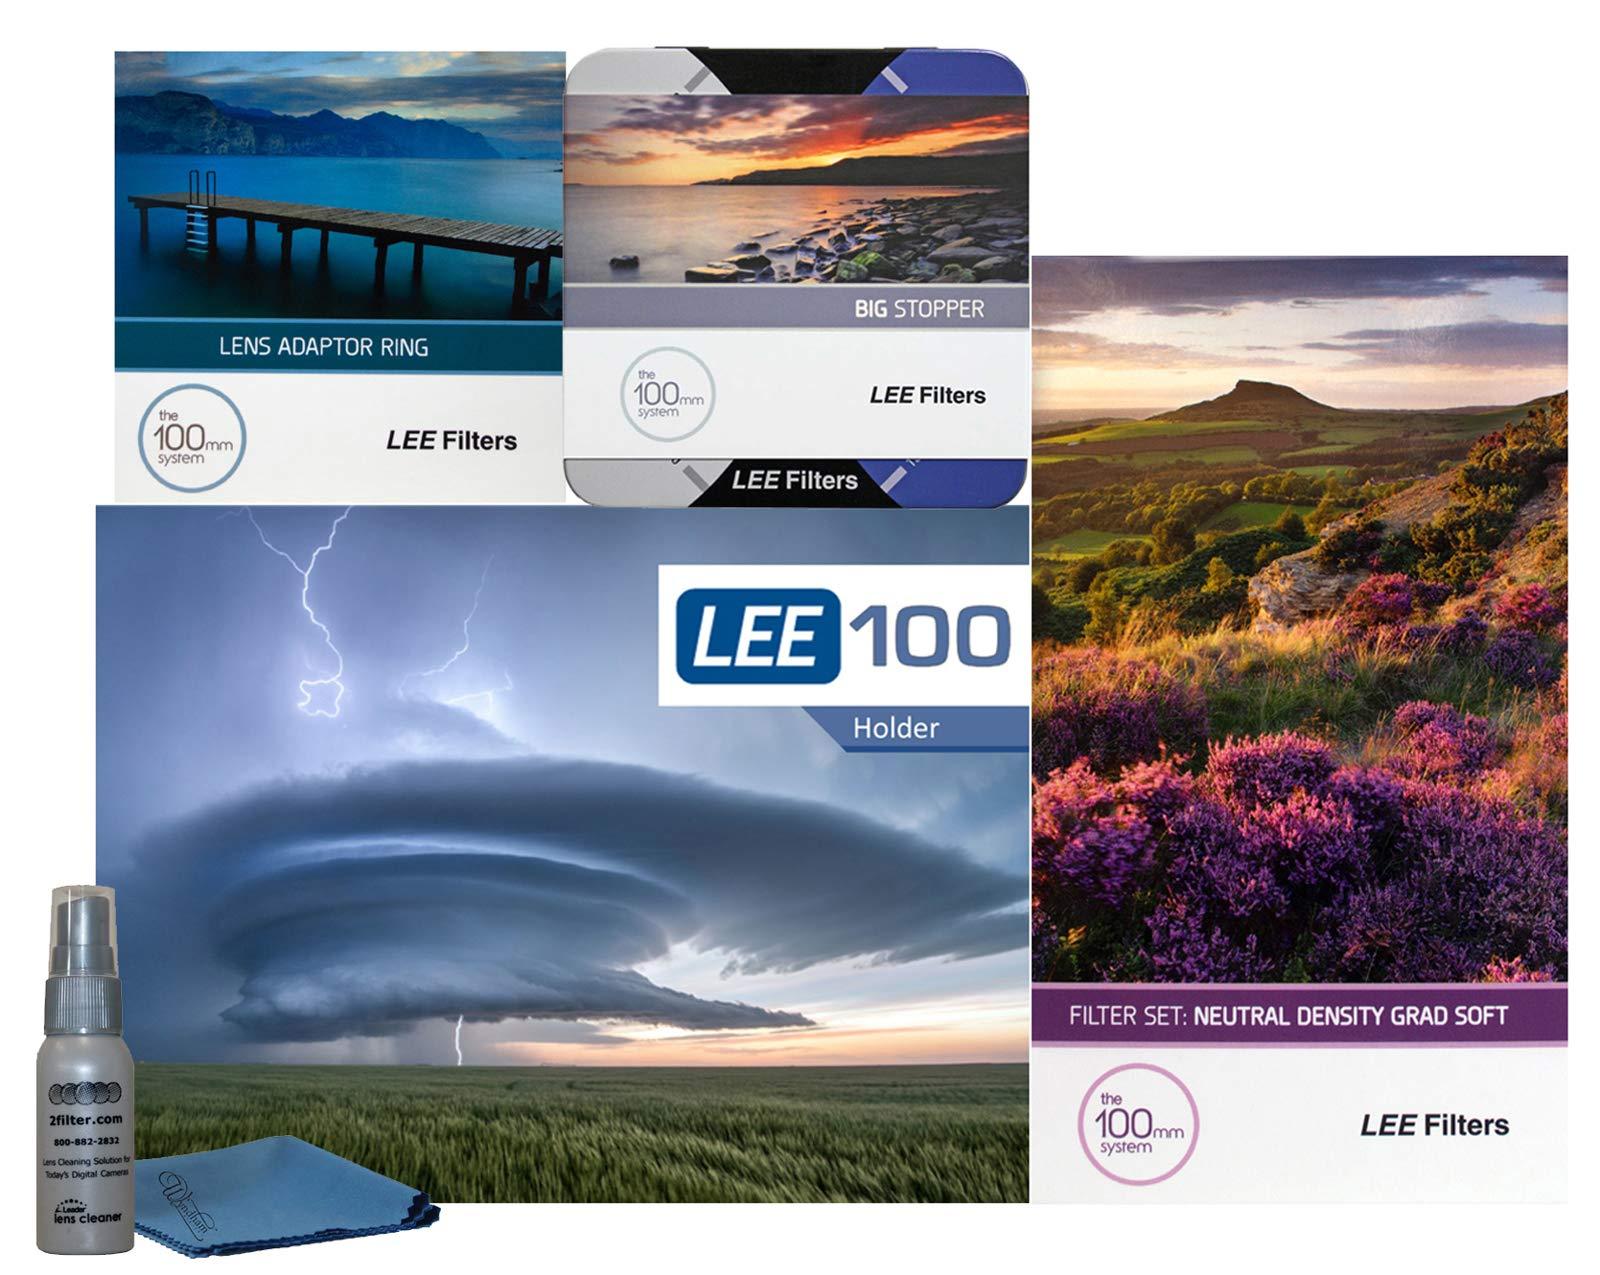 LEE Filters LEE100 77mm Landscape Starter Kit 1 - LEE Filters LEE100 Filter Holder, LEE 100mm Soft Edge Graduated ND Filter Set, LEE 100mm Big Stopper and 77mm Wide Angle Adapter Ring